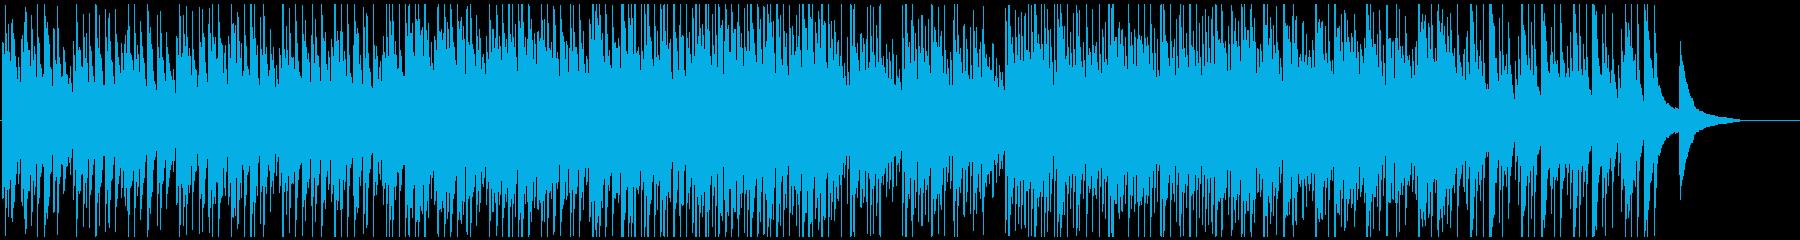 エンディング映像に壮大感動的なピアノオケの再生済みの波形